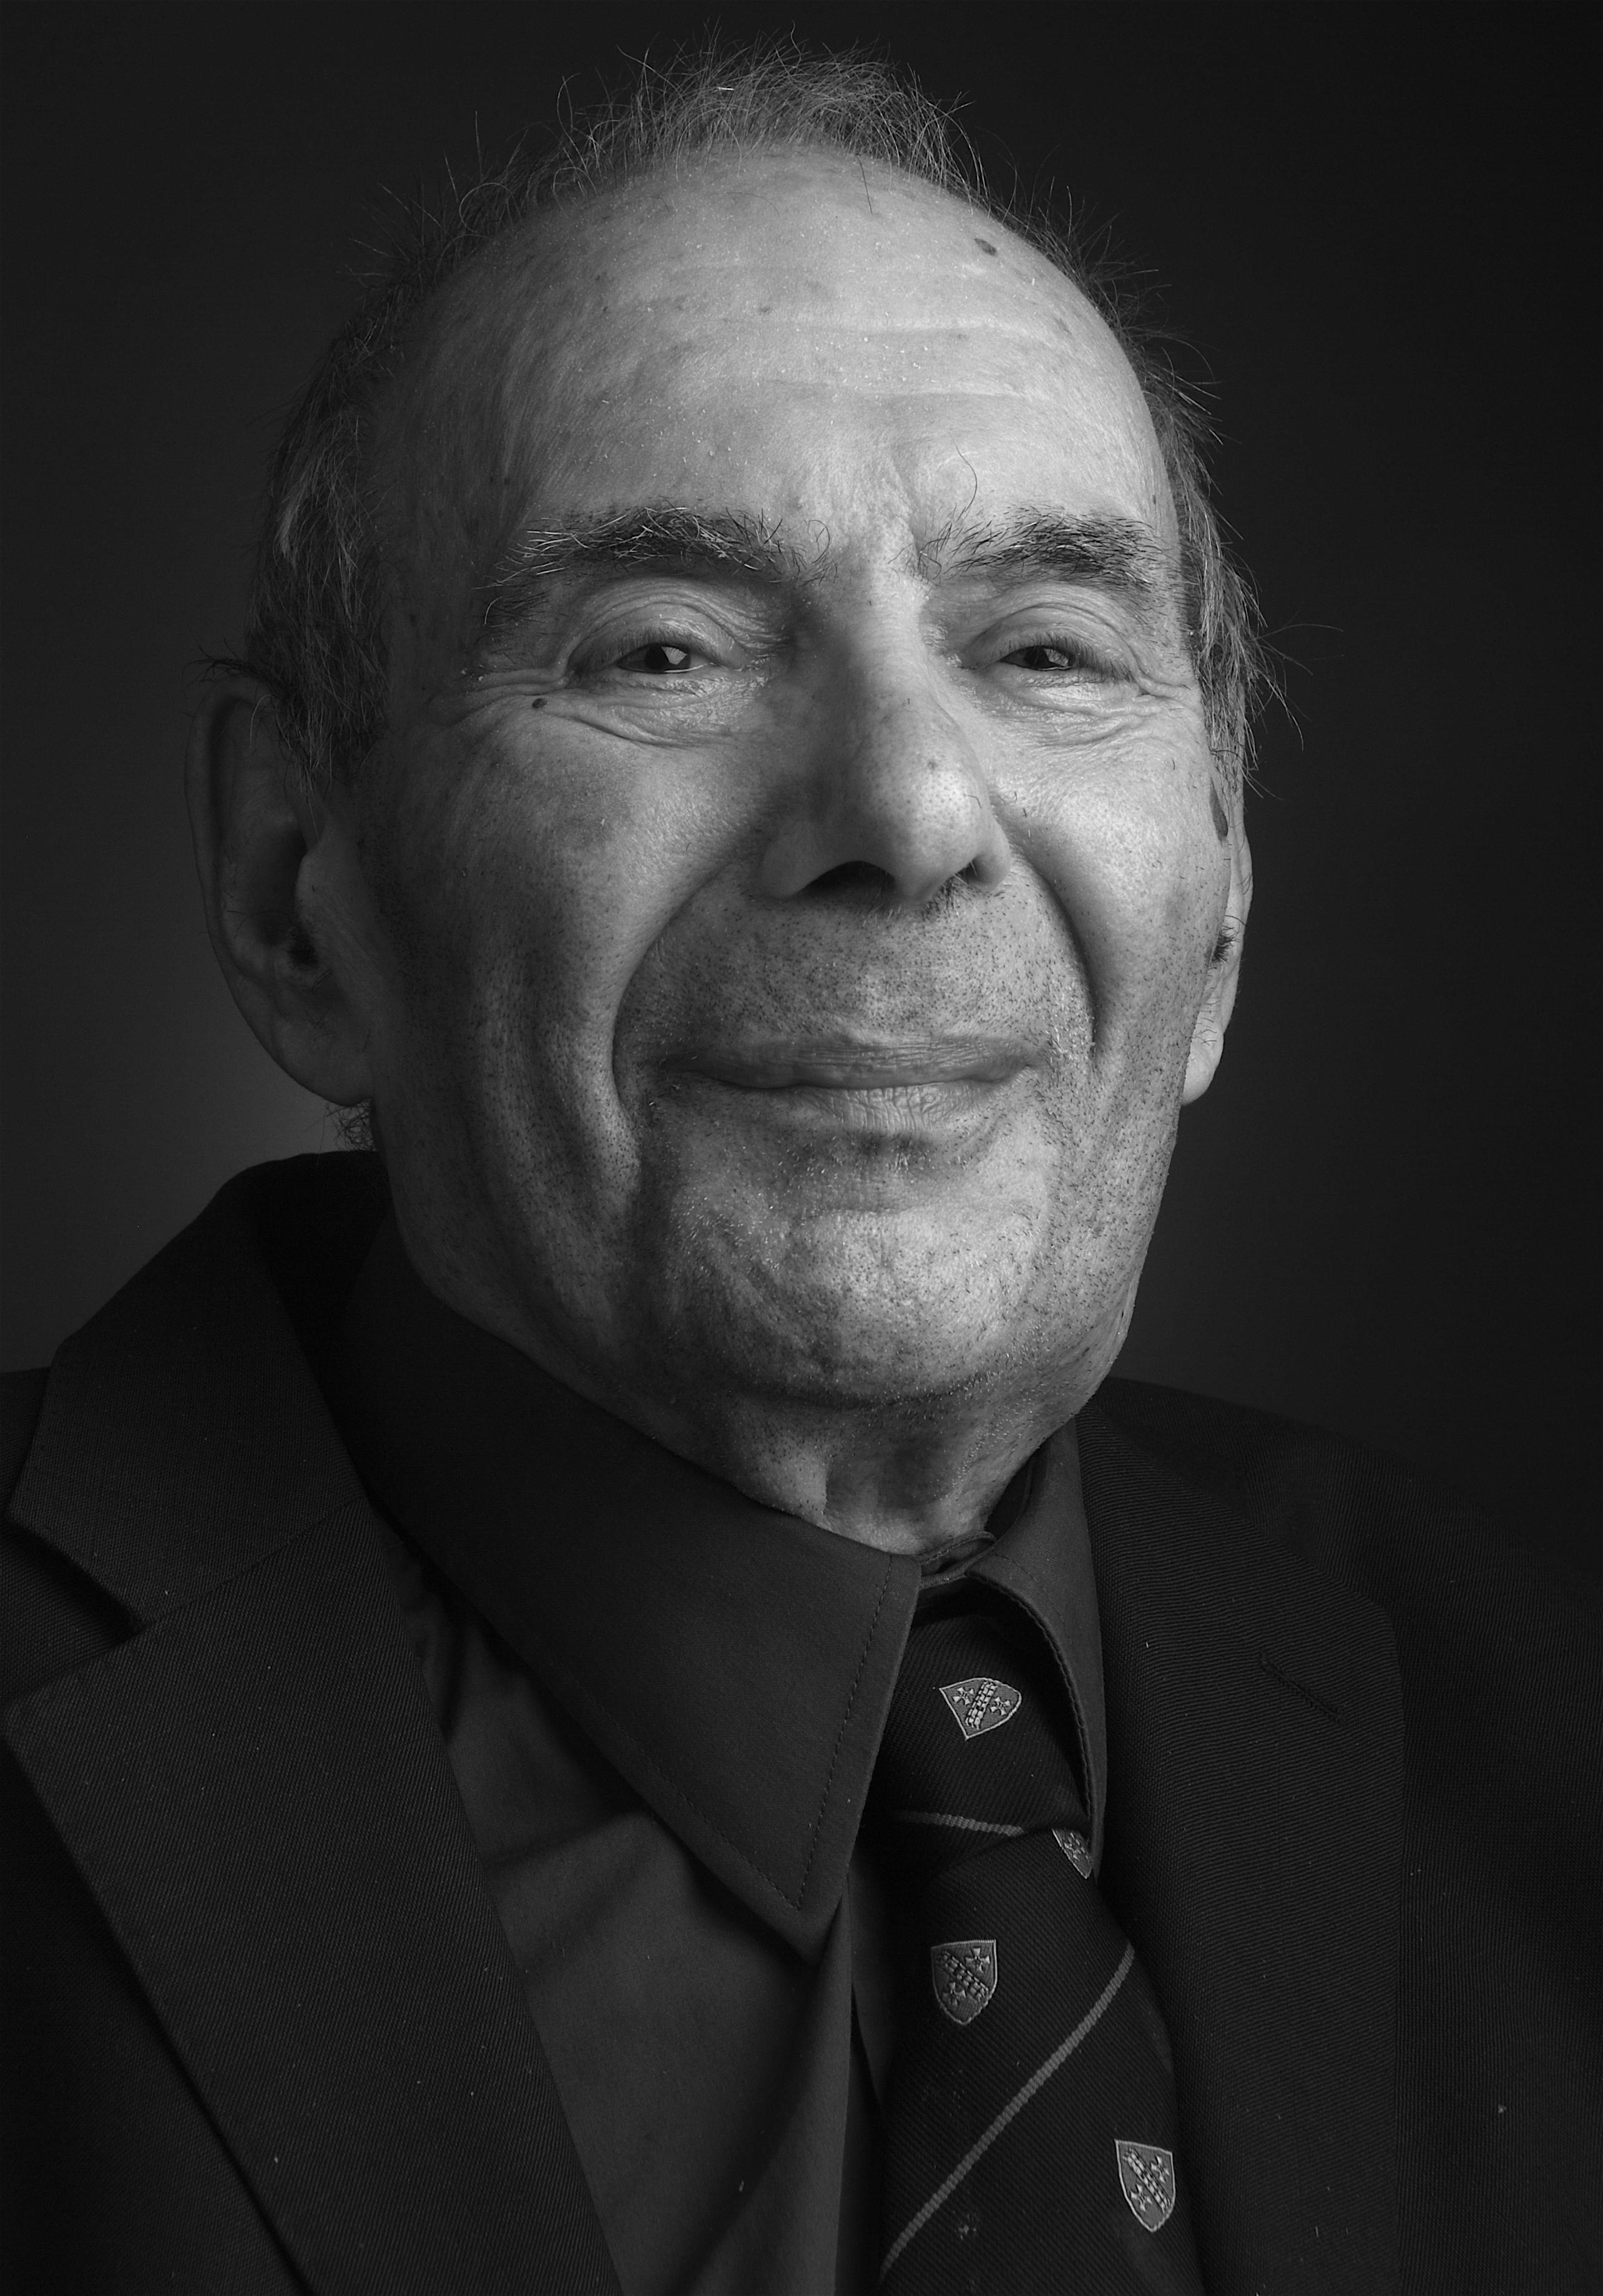 Rabbi Lionel Blue OBE